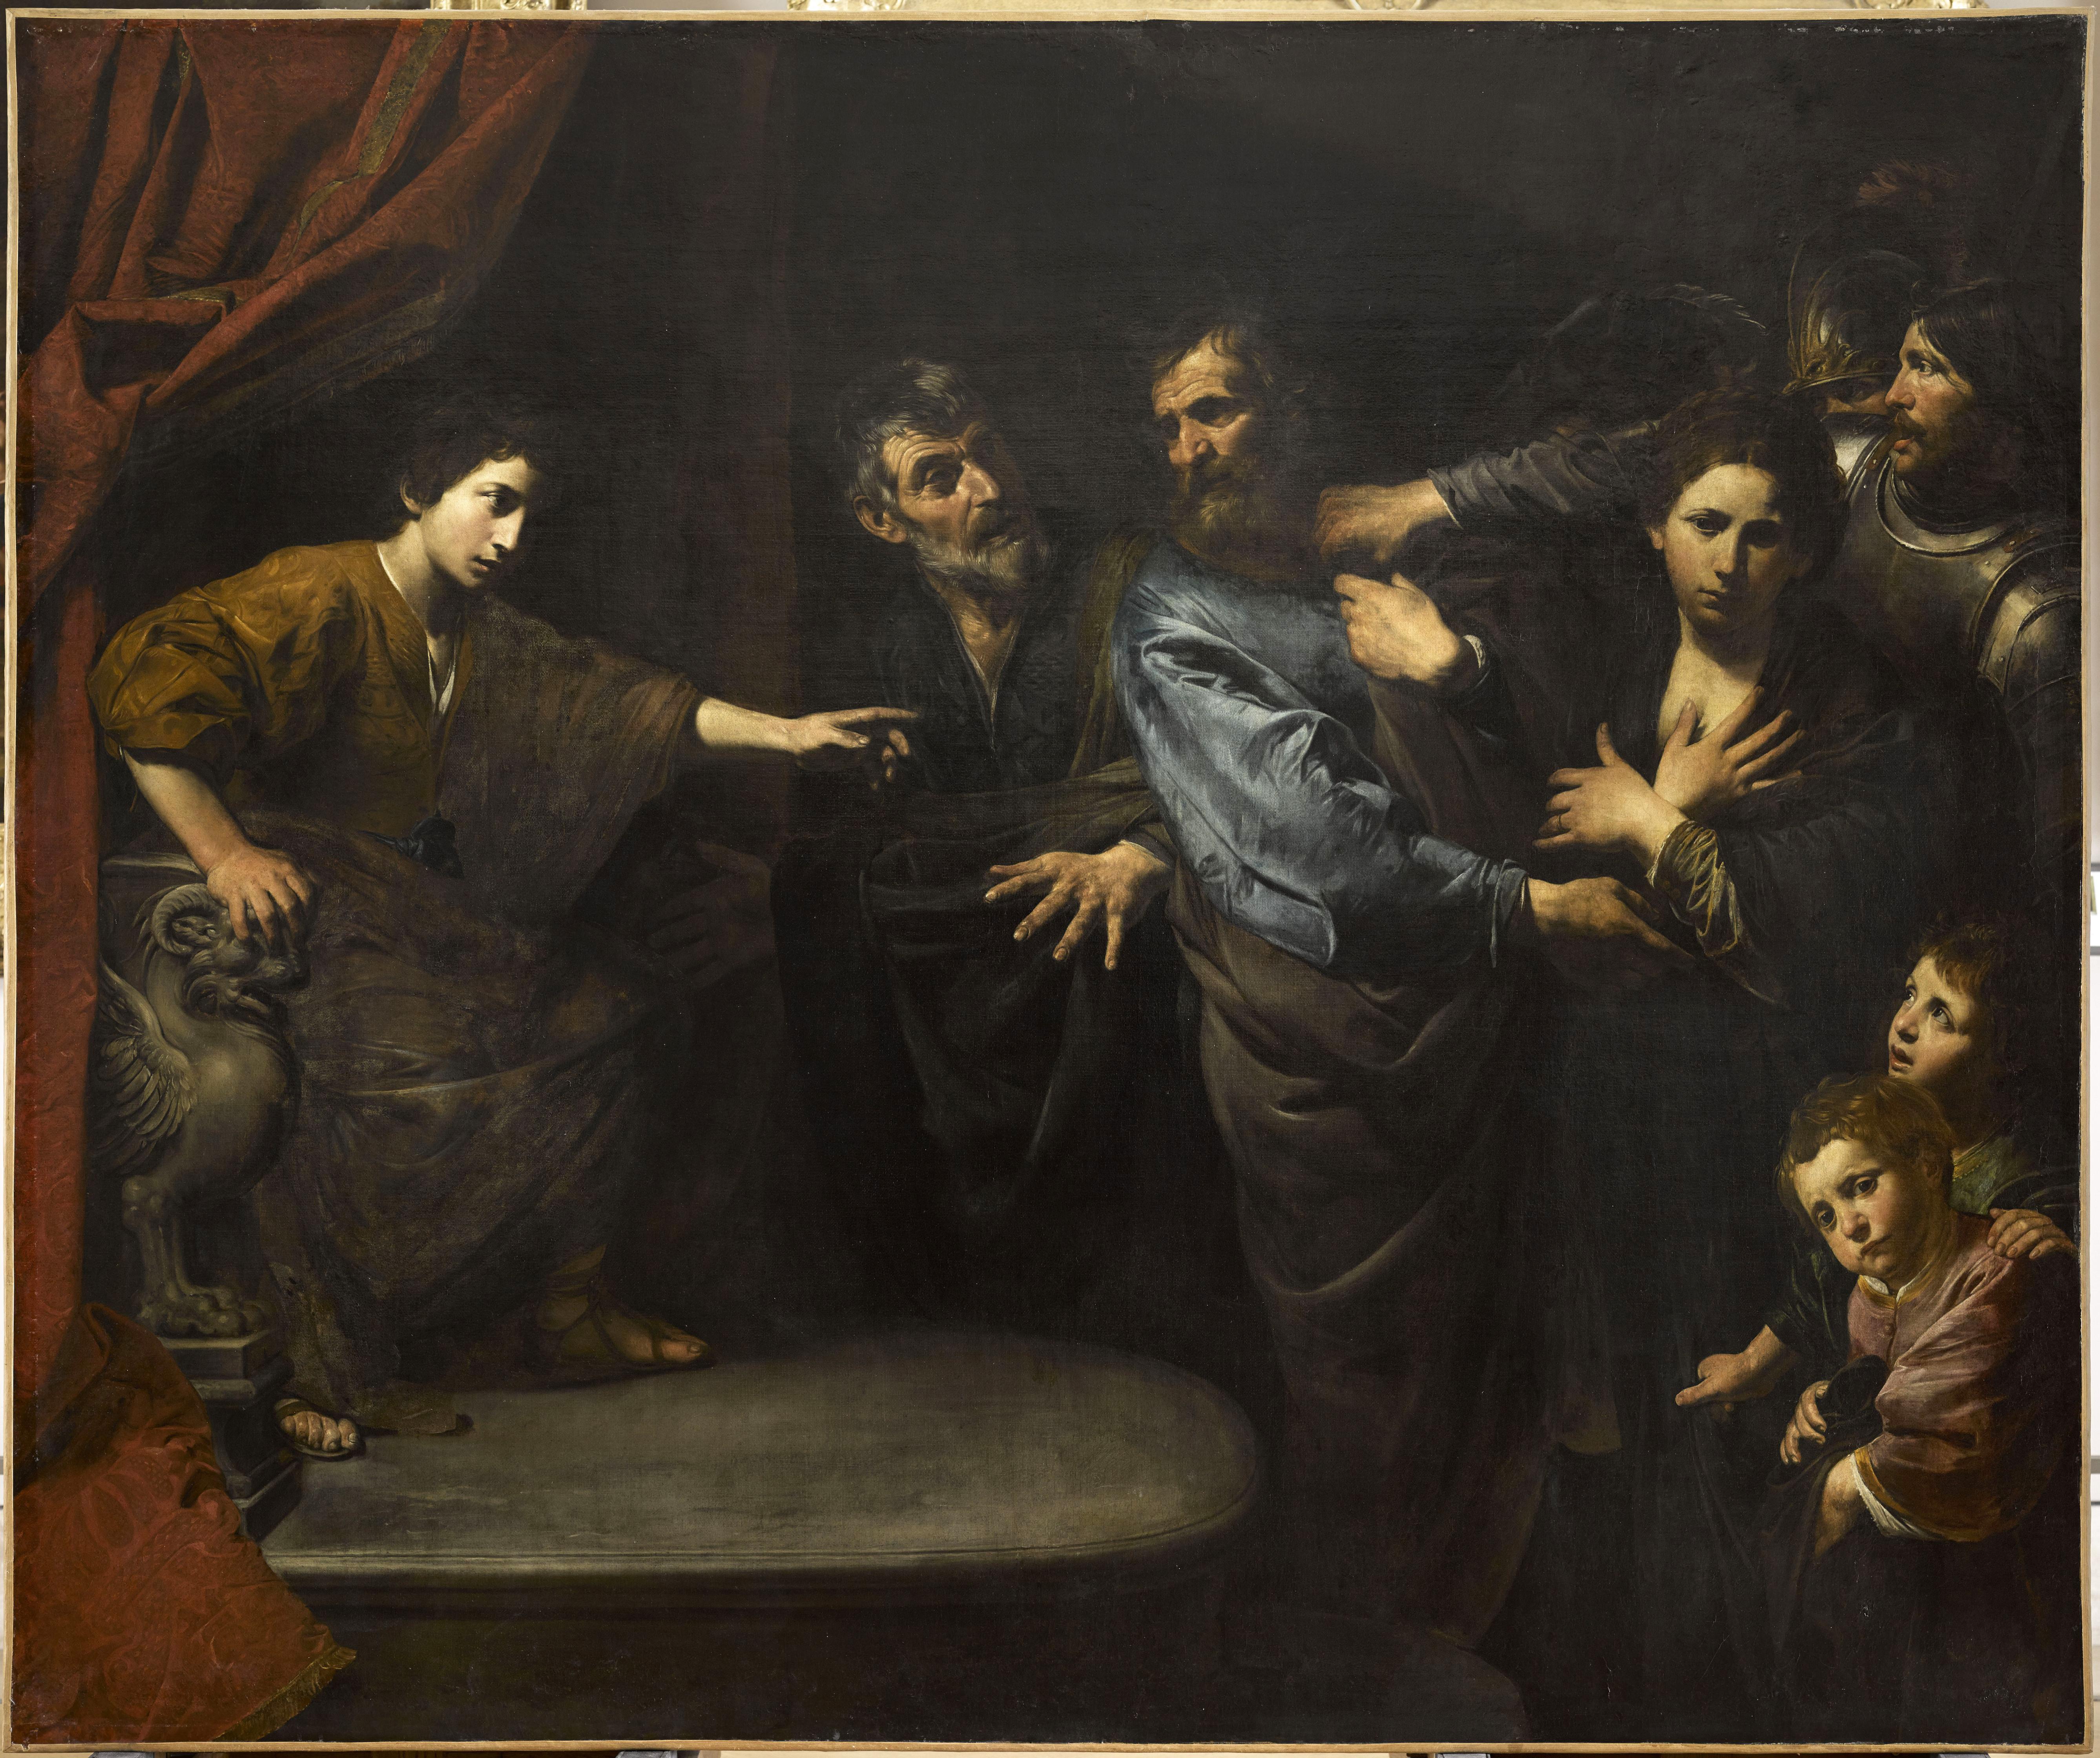 10_Valentin_Innocence of Susanna __Département des Peintures, musée du Louvre © RMN-GP_musée du Louvre _ Franck Raux_Revu.jpg